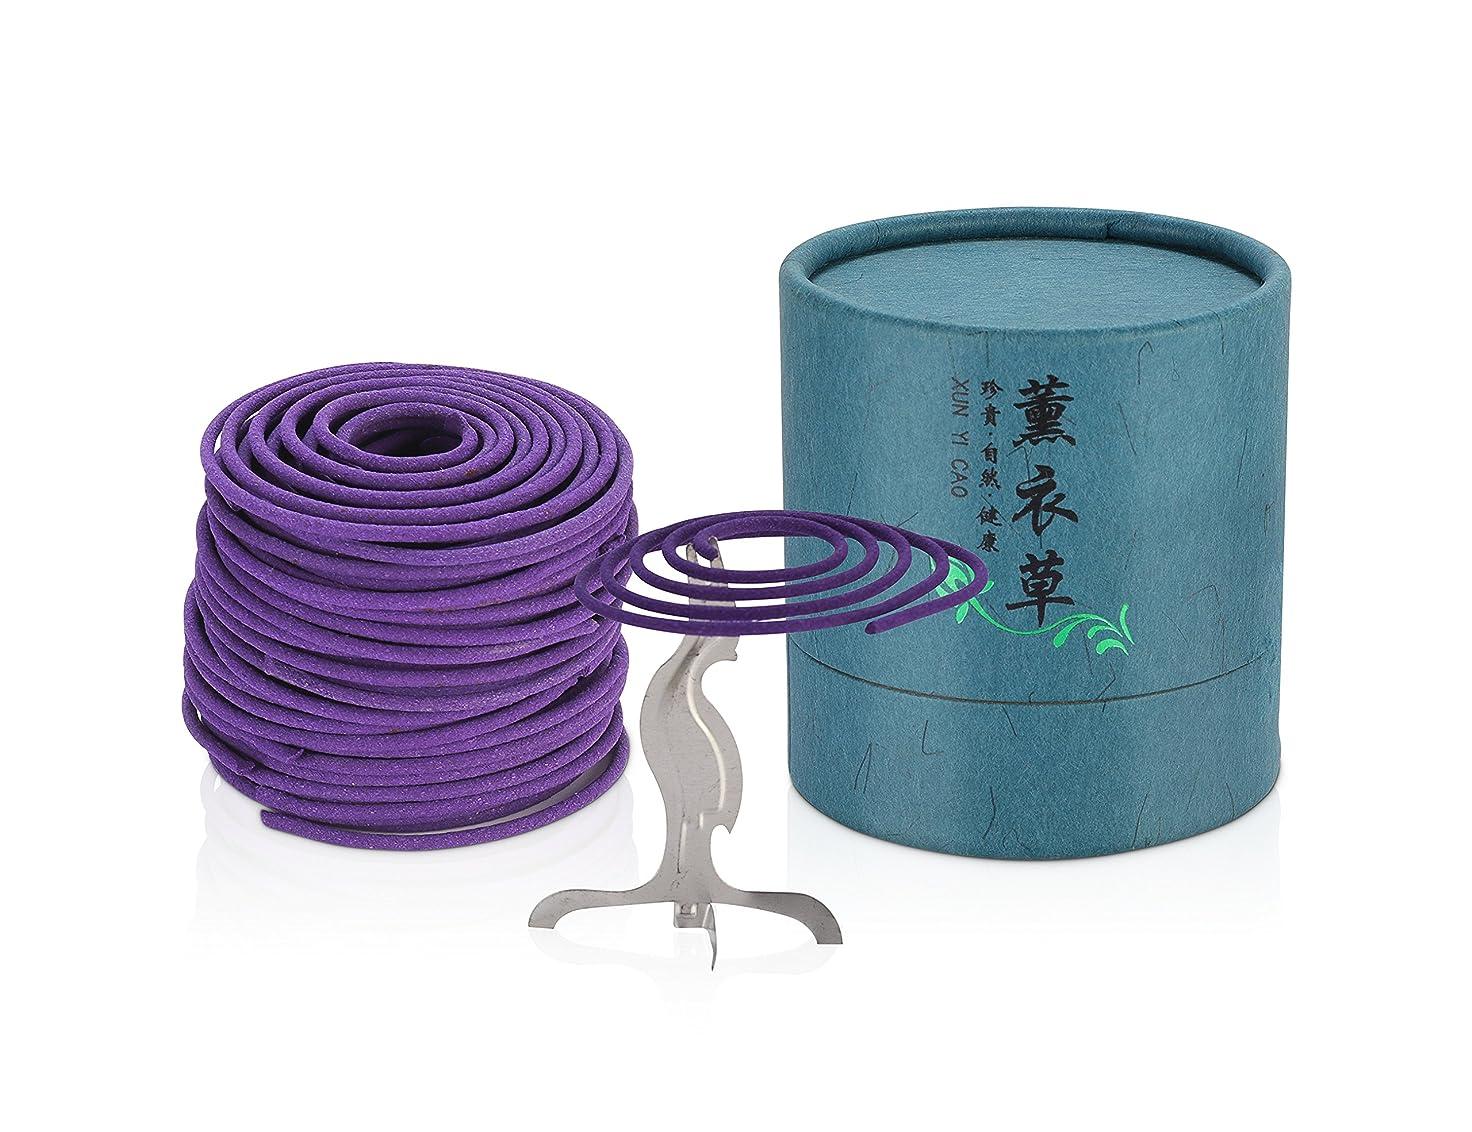 より多い状態ラップトップ(Lavender) - Xujia Lavender Incense Coils,Zen Buddhist Coils Incense for Burner